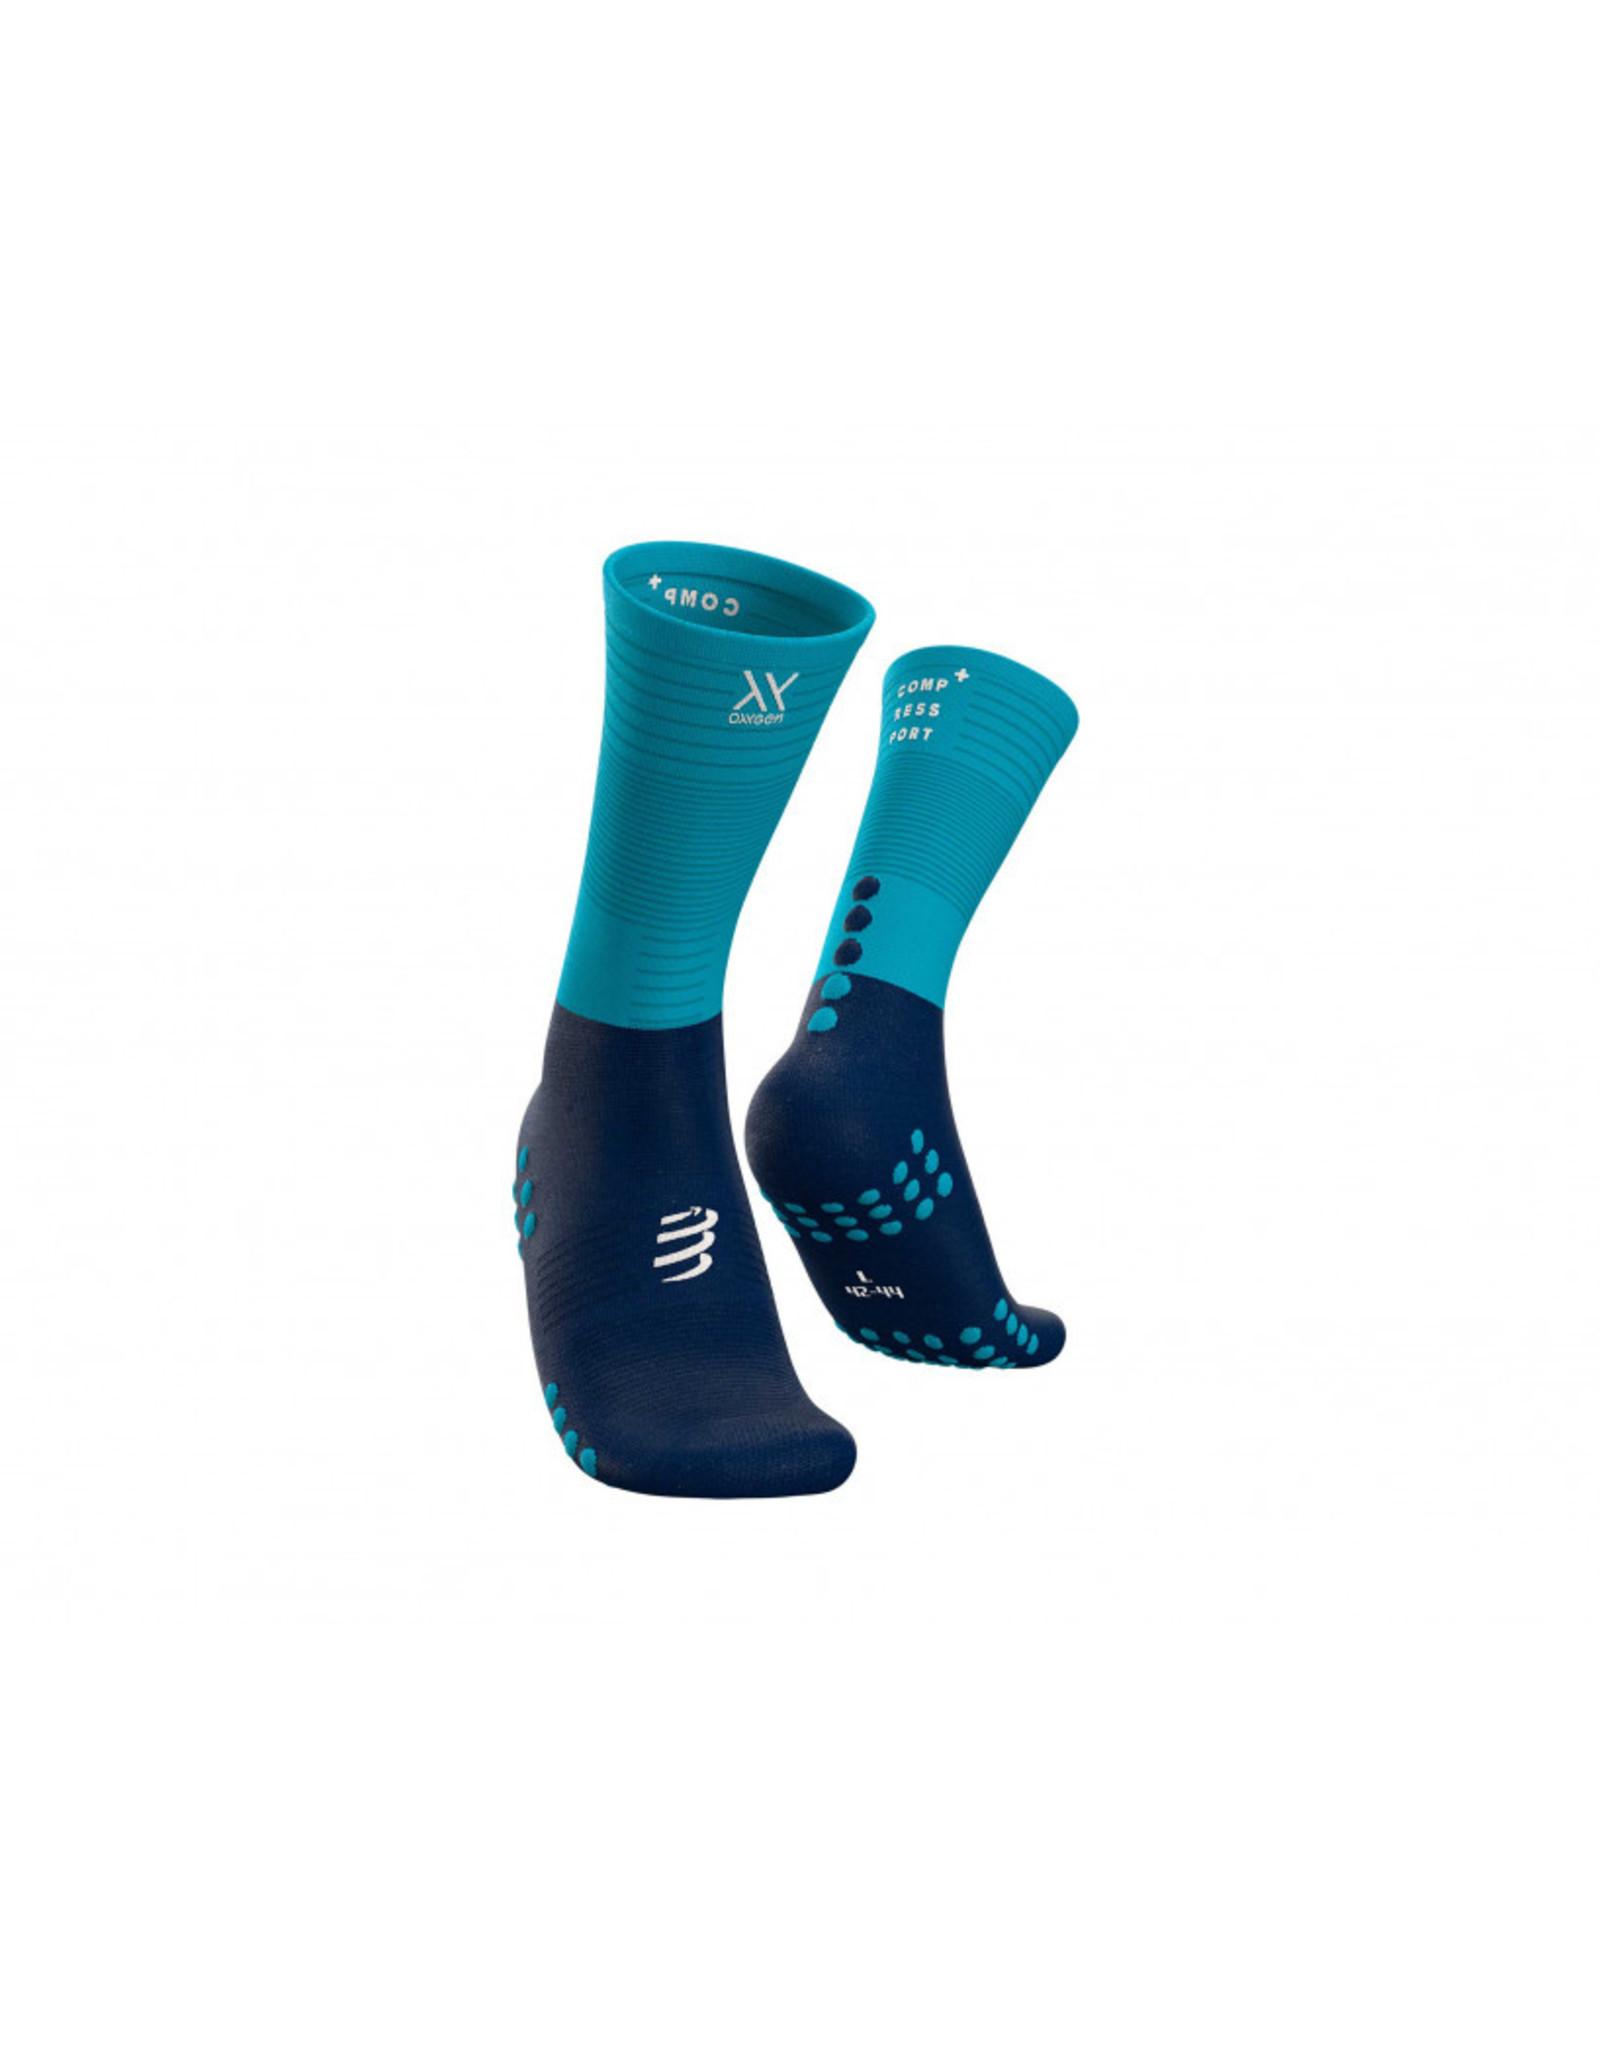 Compressport Mid Compression Socks Hardloopsokken - Blauw/Lichtblauw